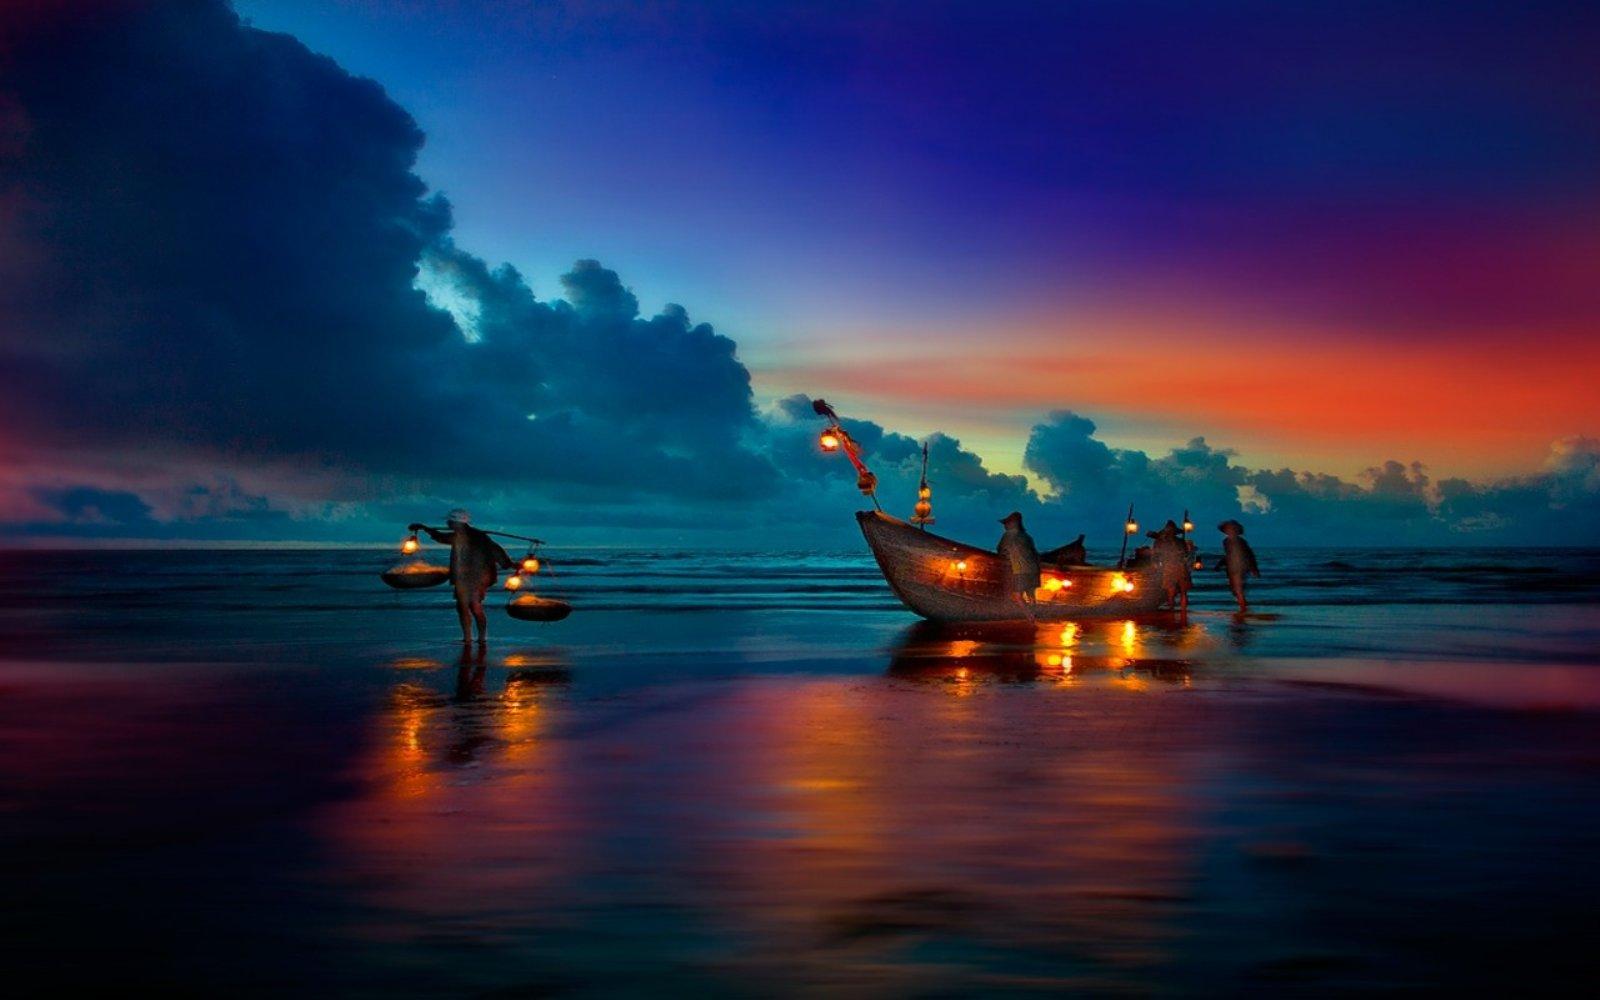 http://4.bp.blogspot.com/-wzXSIDqofoE/To6zN0sT7QI/AAAAAAAABkI/4t7Fu_XLHgY/s1600/beautiful-landscape-wallpapers-4.jpg